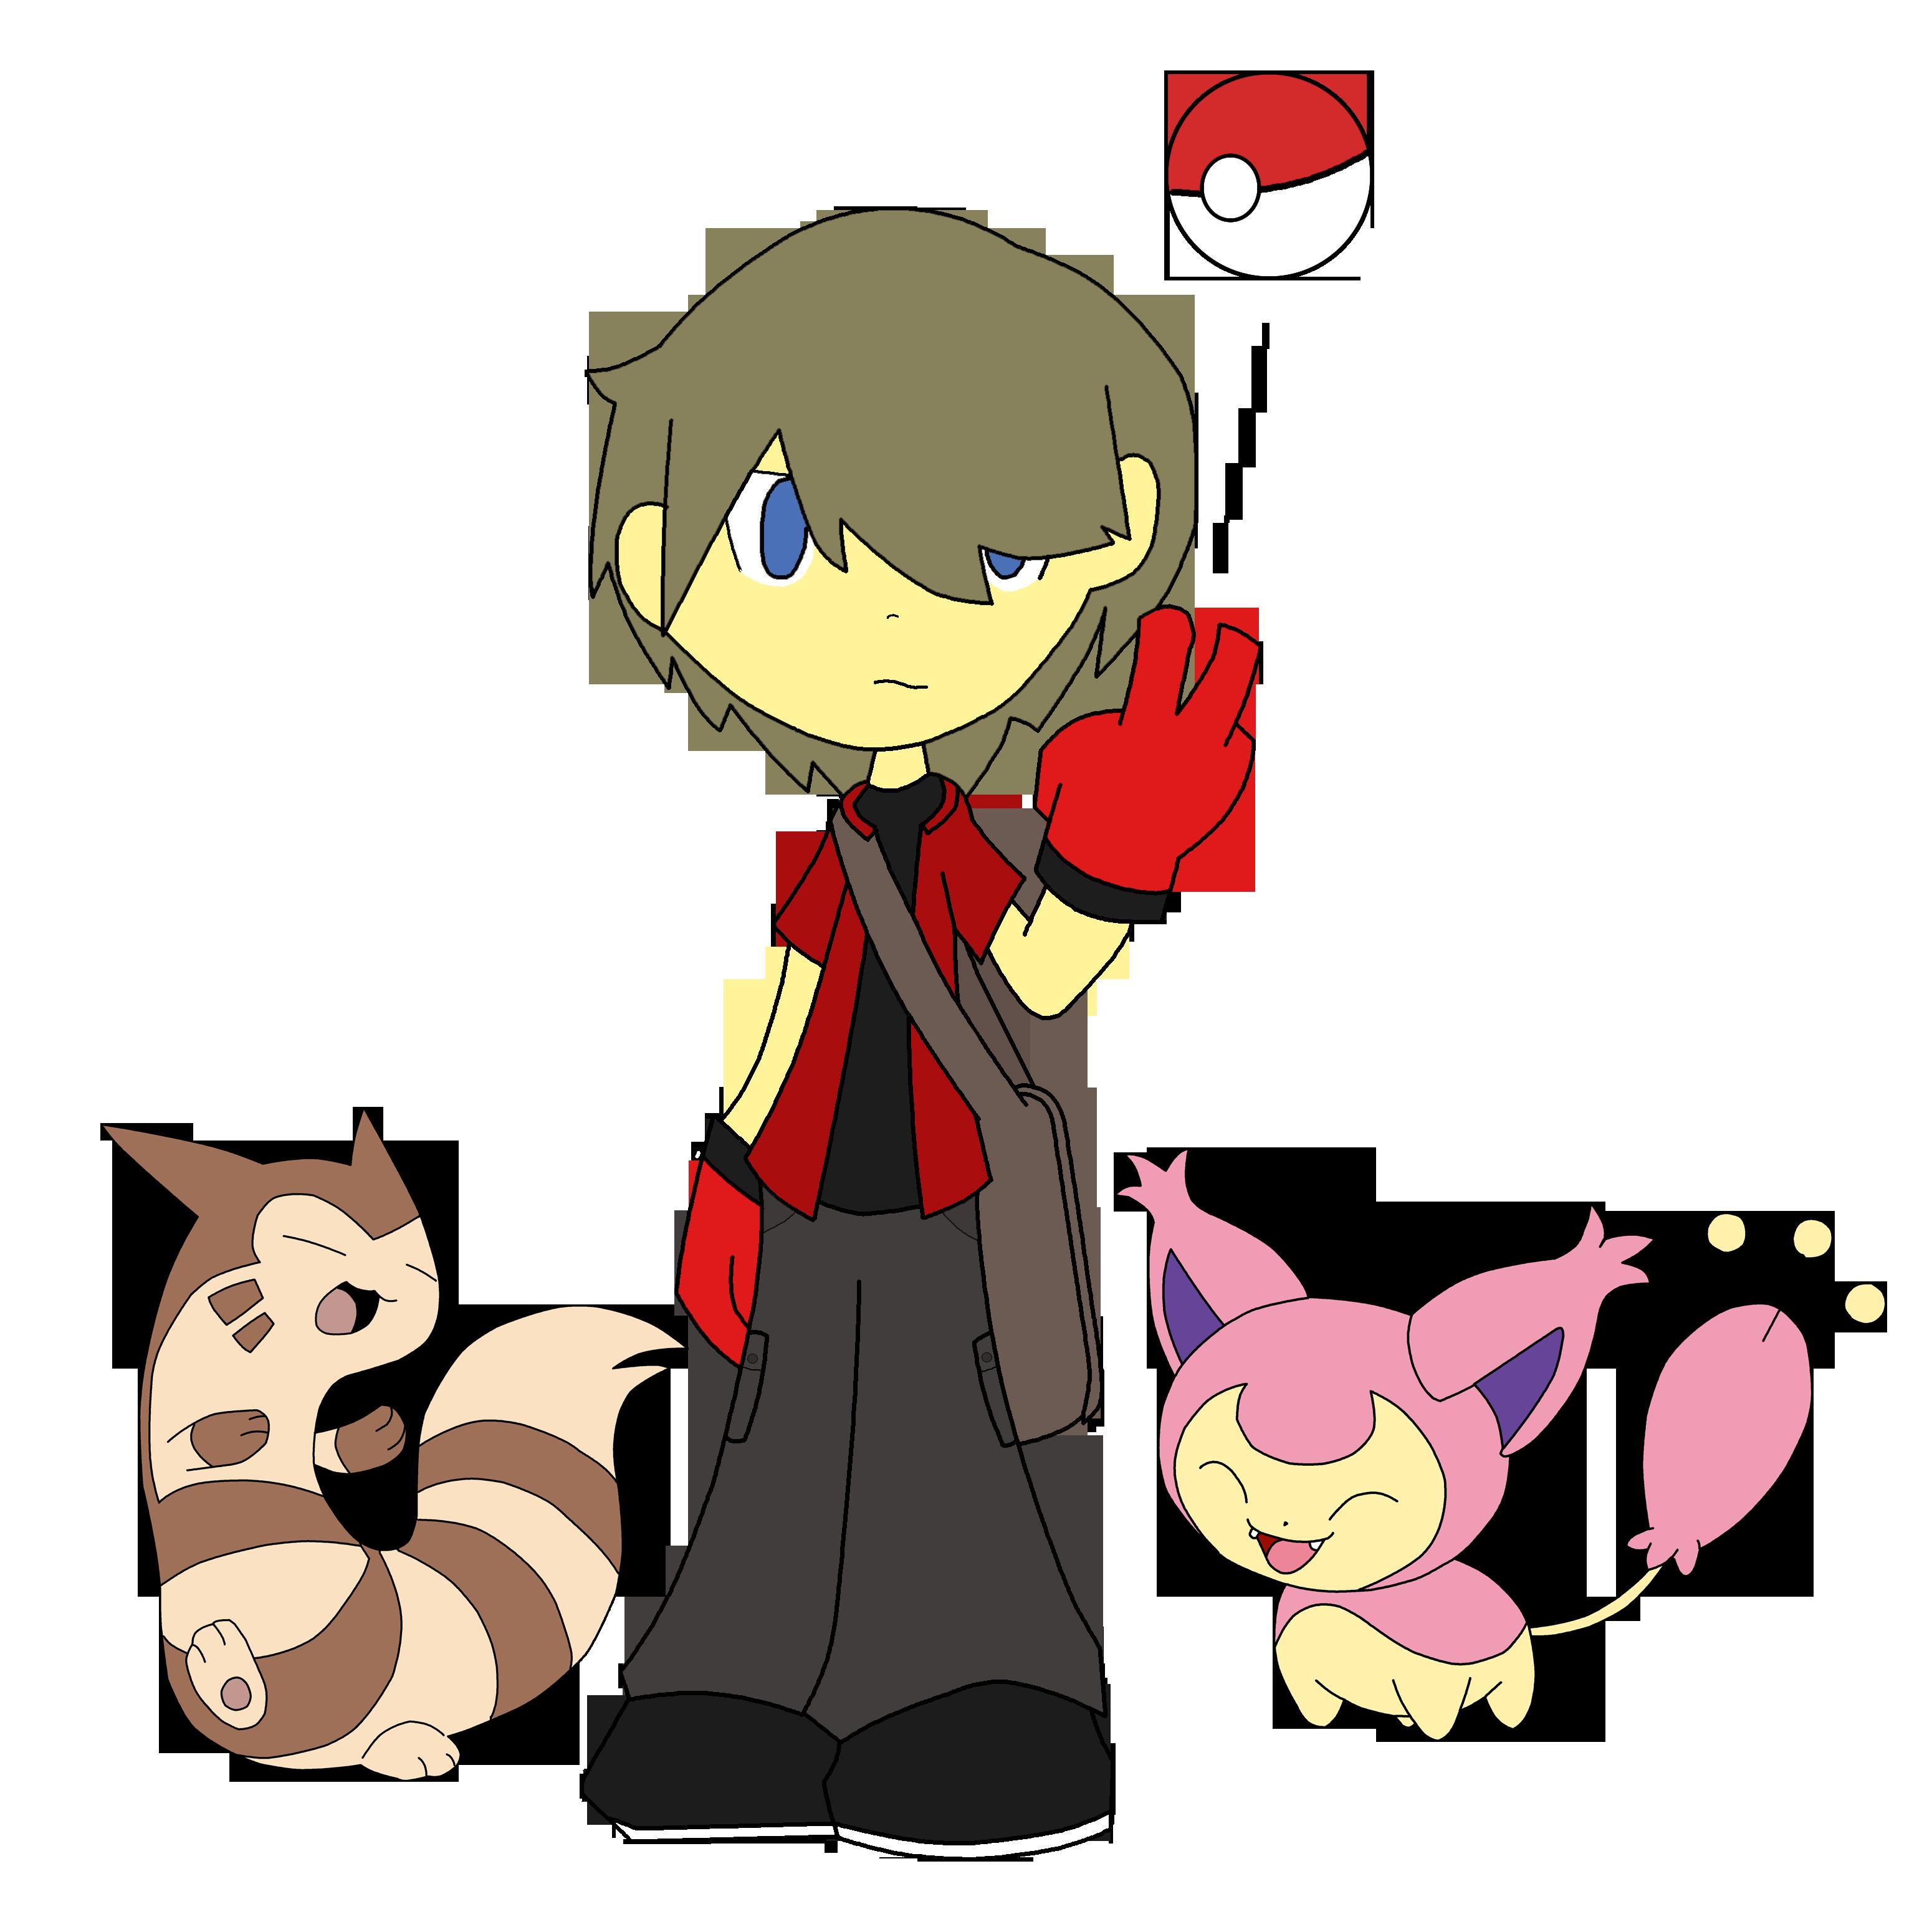 Avatar 2 2014: Avatar W/ 2 Favorite Pokemon (Feb 2014) By DaBestFox On